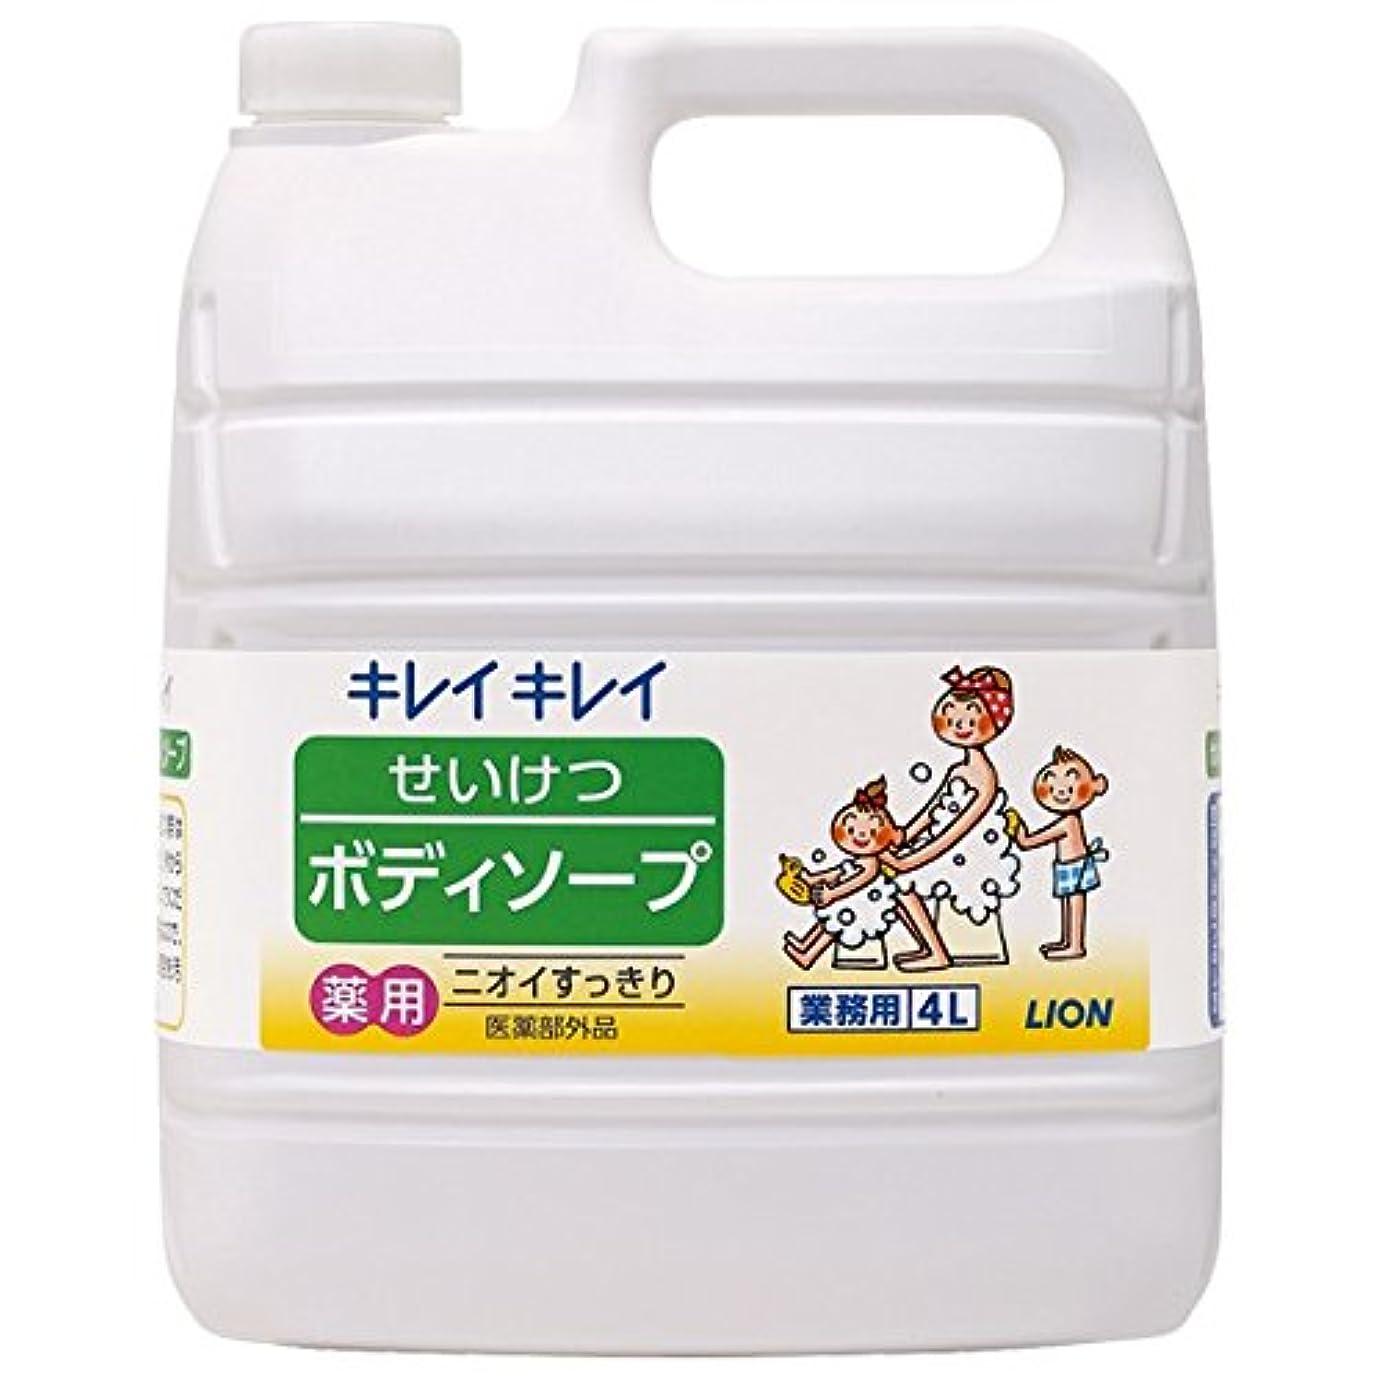 健康的最悪仲良しライオン キレイキレイ せいけつボディソープ さわやかなレモン&オレンジの香り 業務用 4L×3本